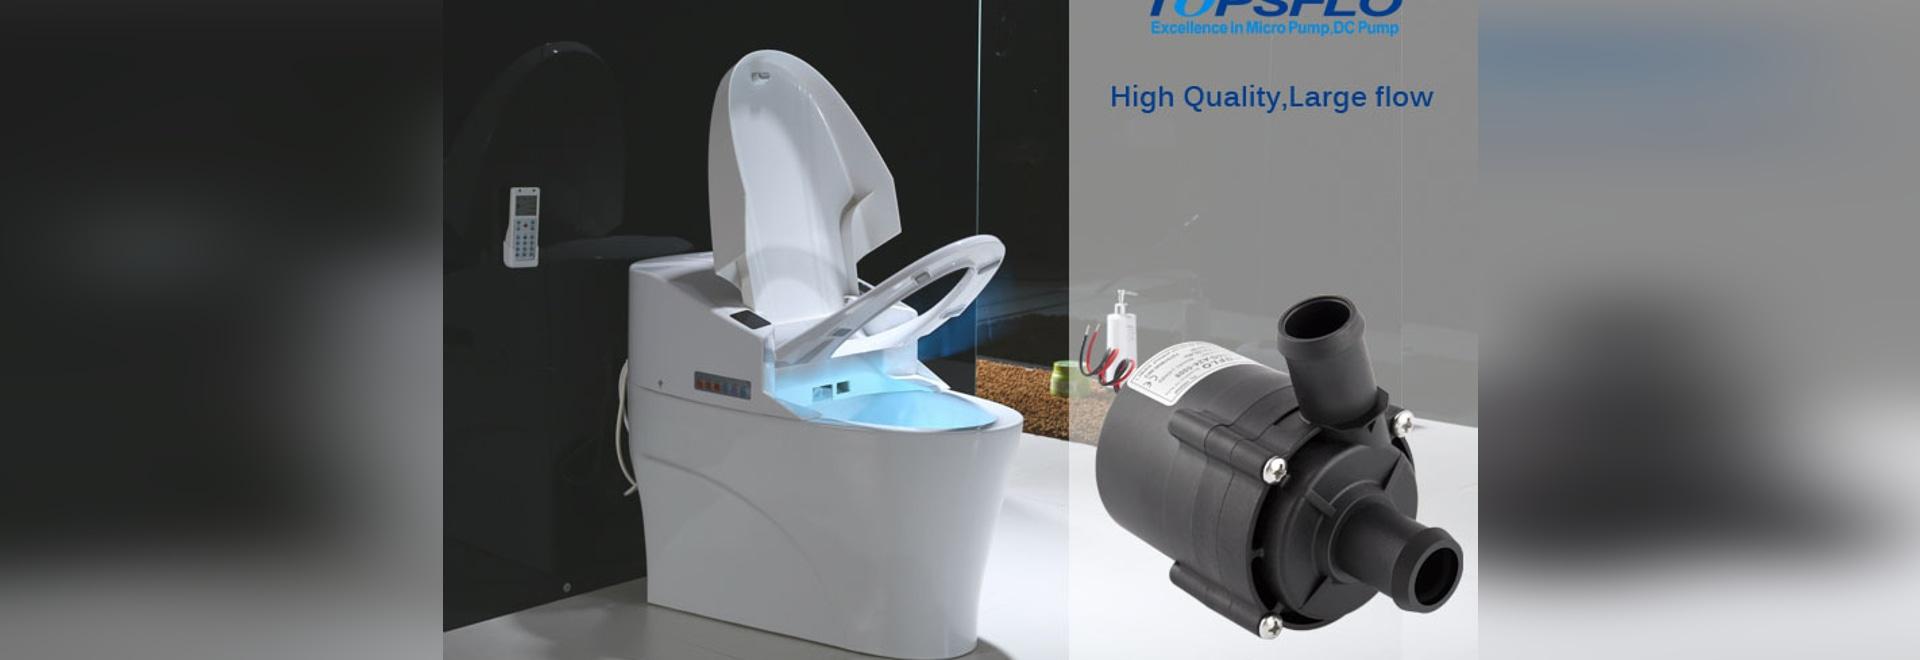 TOPSFLO High Flow Smart Toilet Water Pump